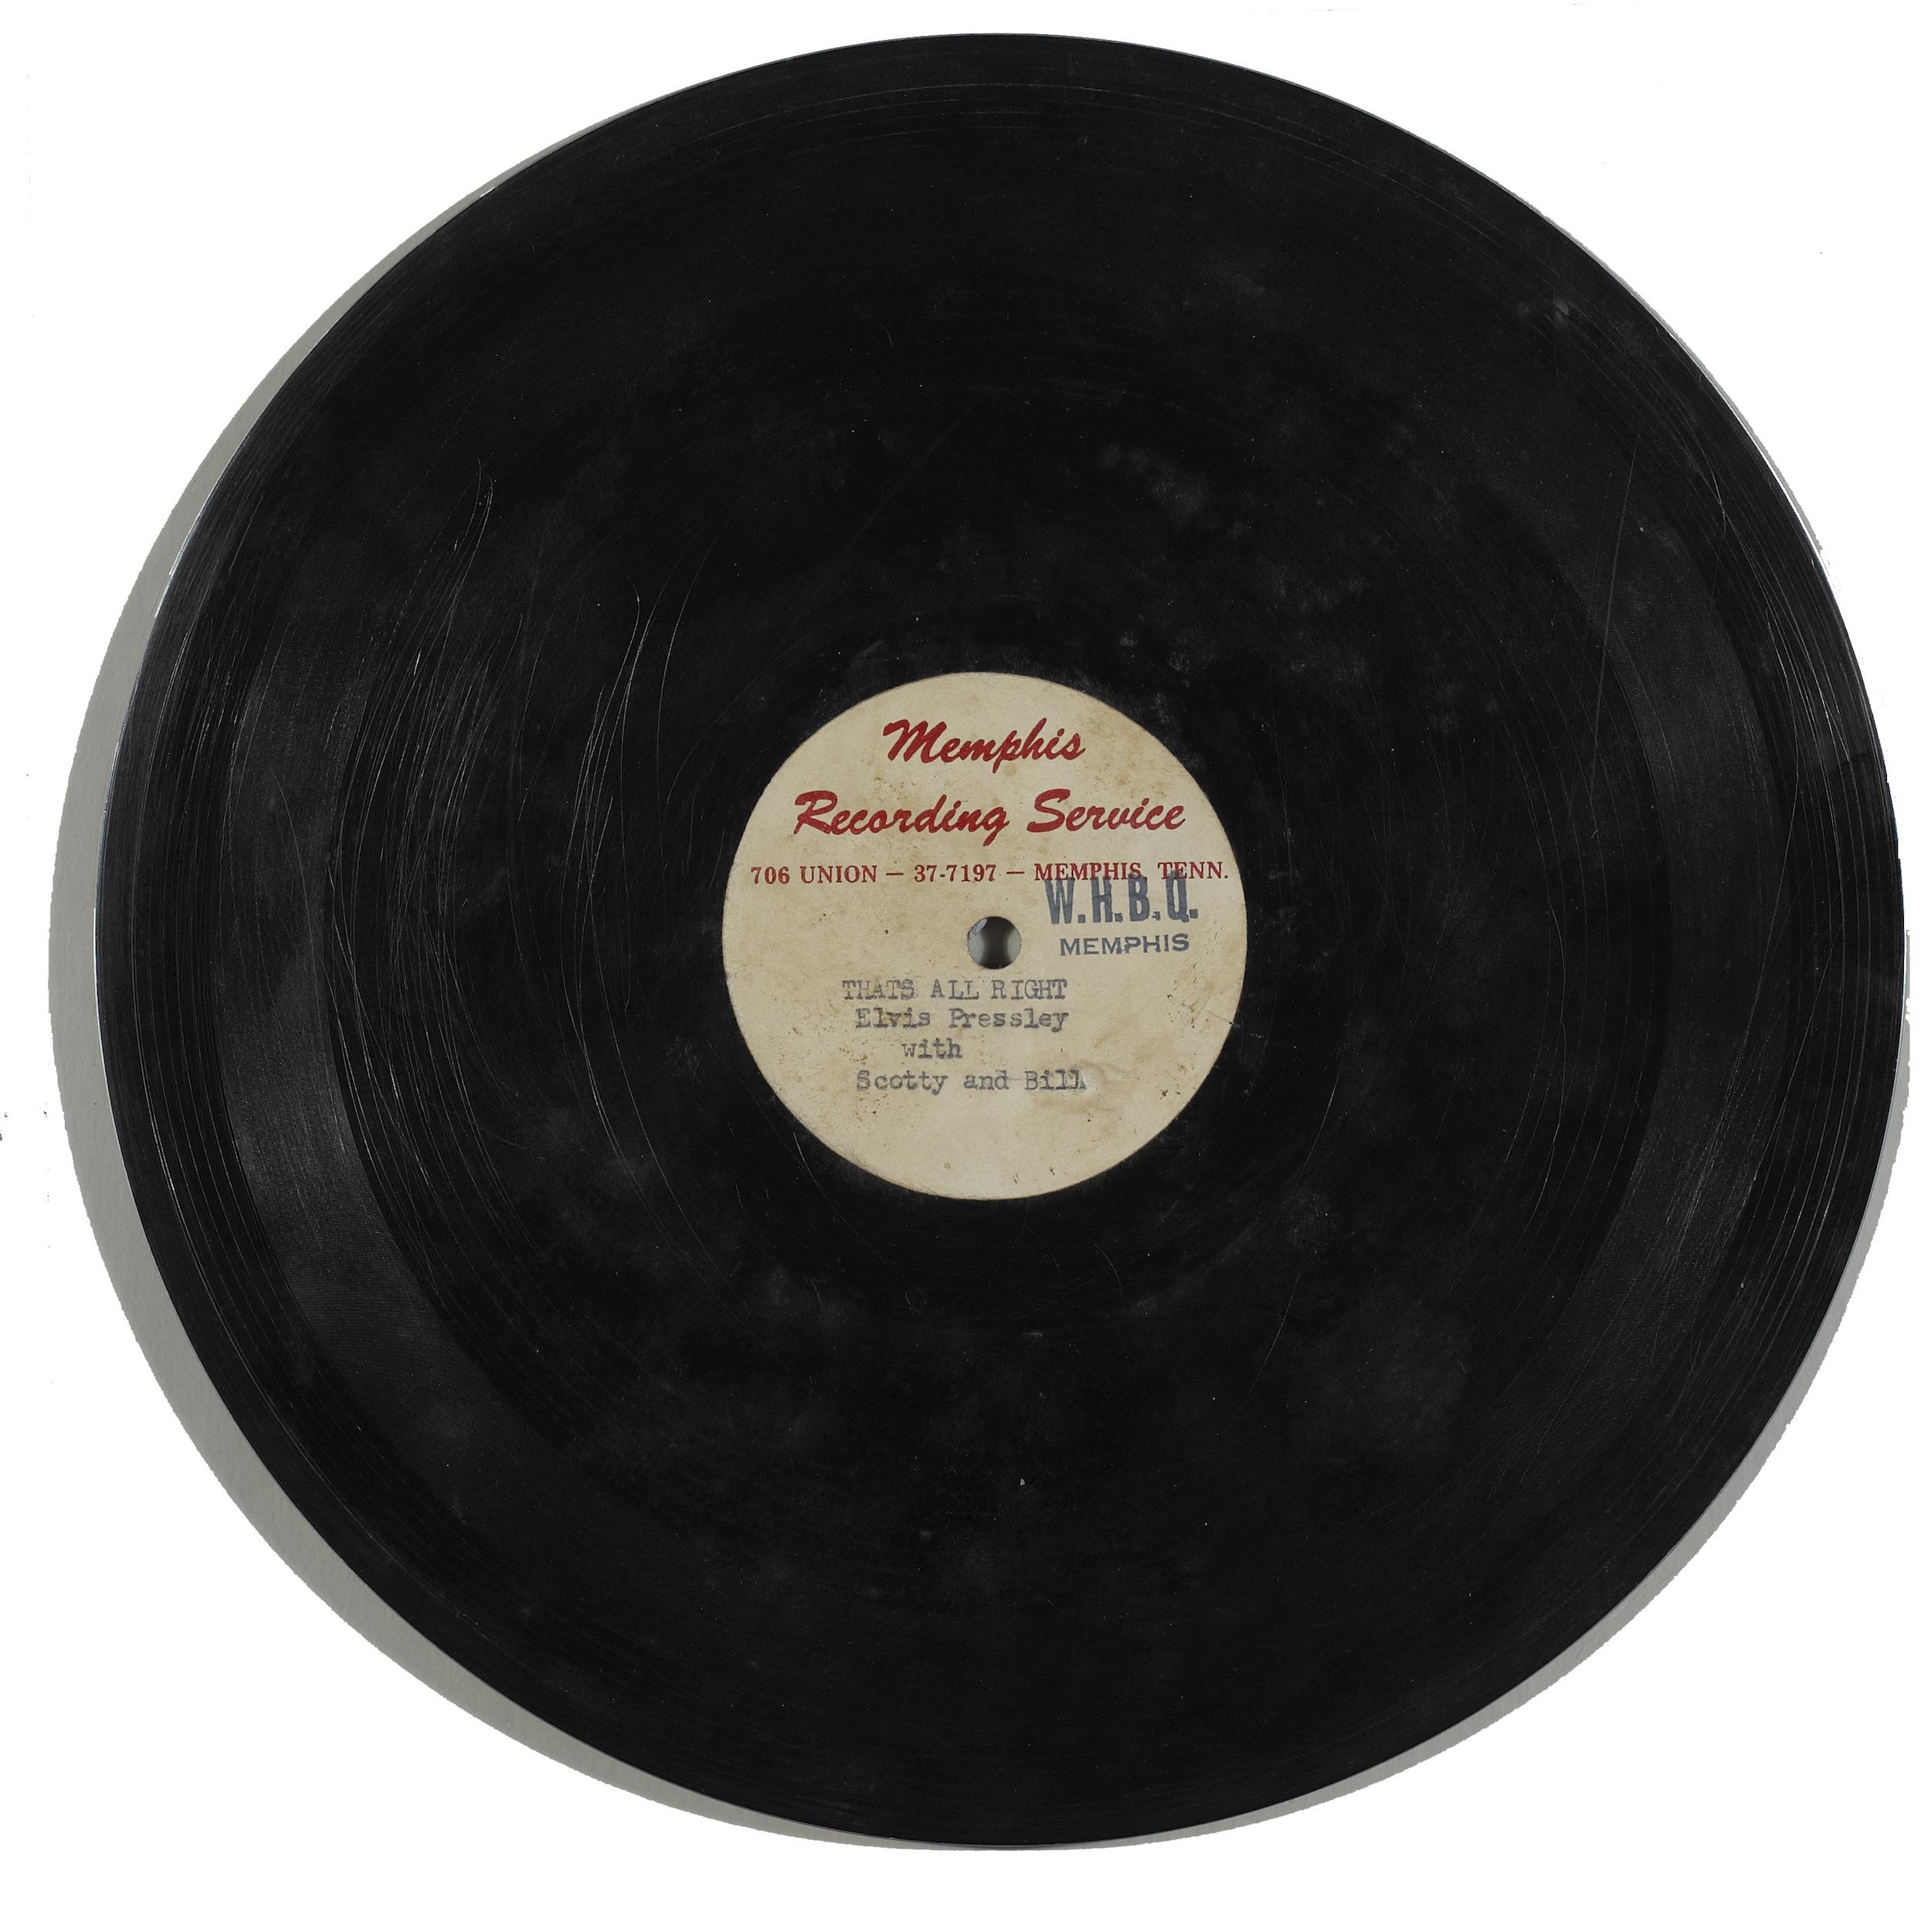 ORIGINAL ELVIS 1954 ACETATE AT DUBLIN AUCTION ...